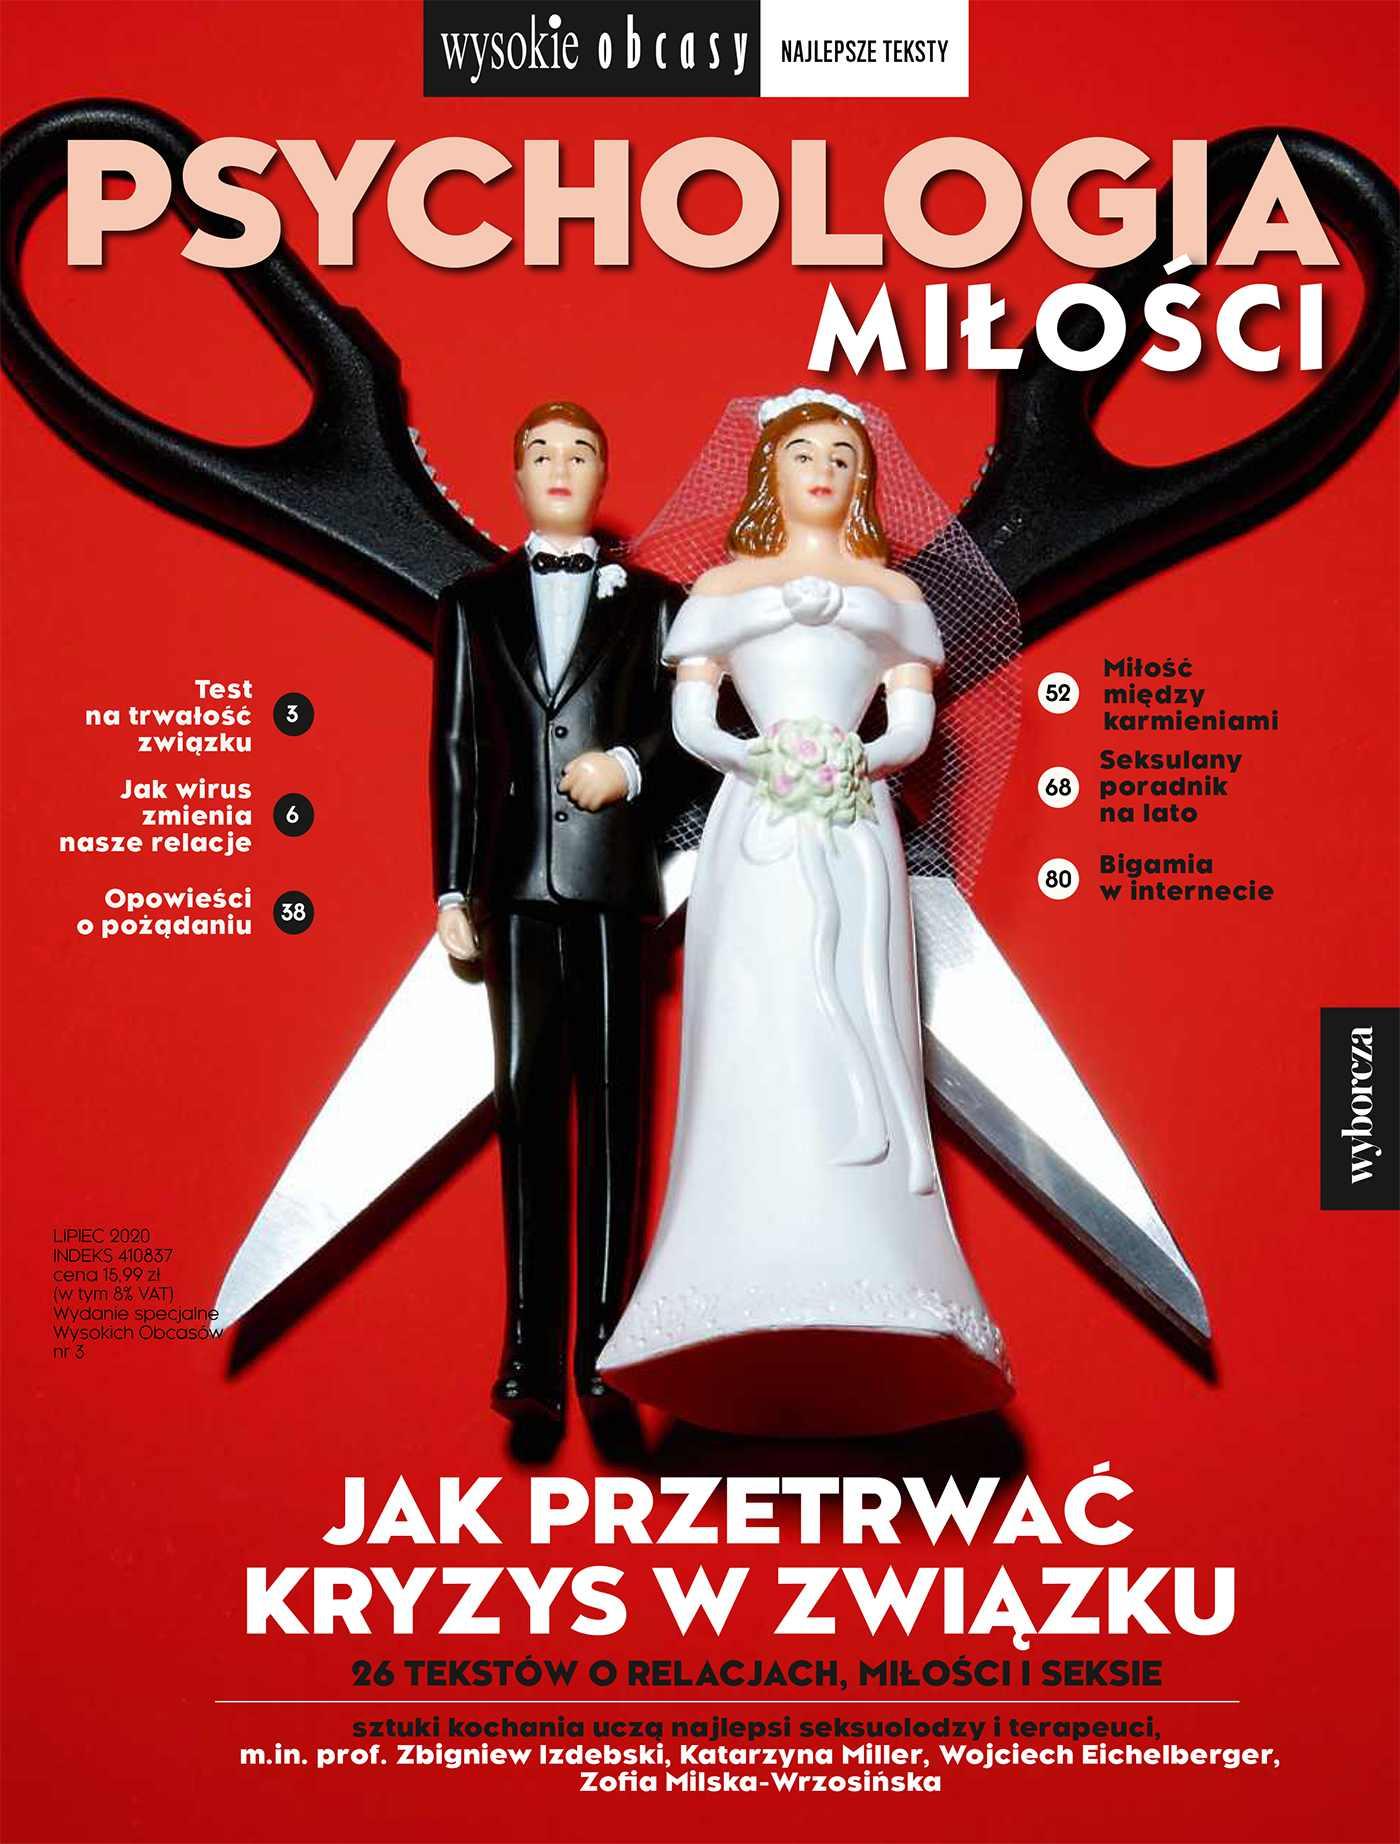 Psychologia miłości. Wysokie Obcasy. Wydanie Specjalne 3/2020 - Ebook (Książka EPUB) do pobrania w formacie EPUB